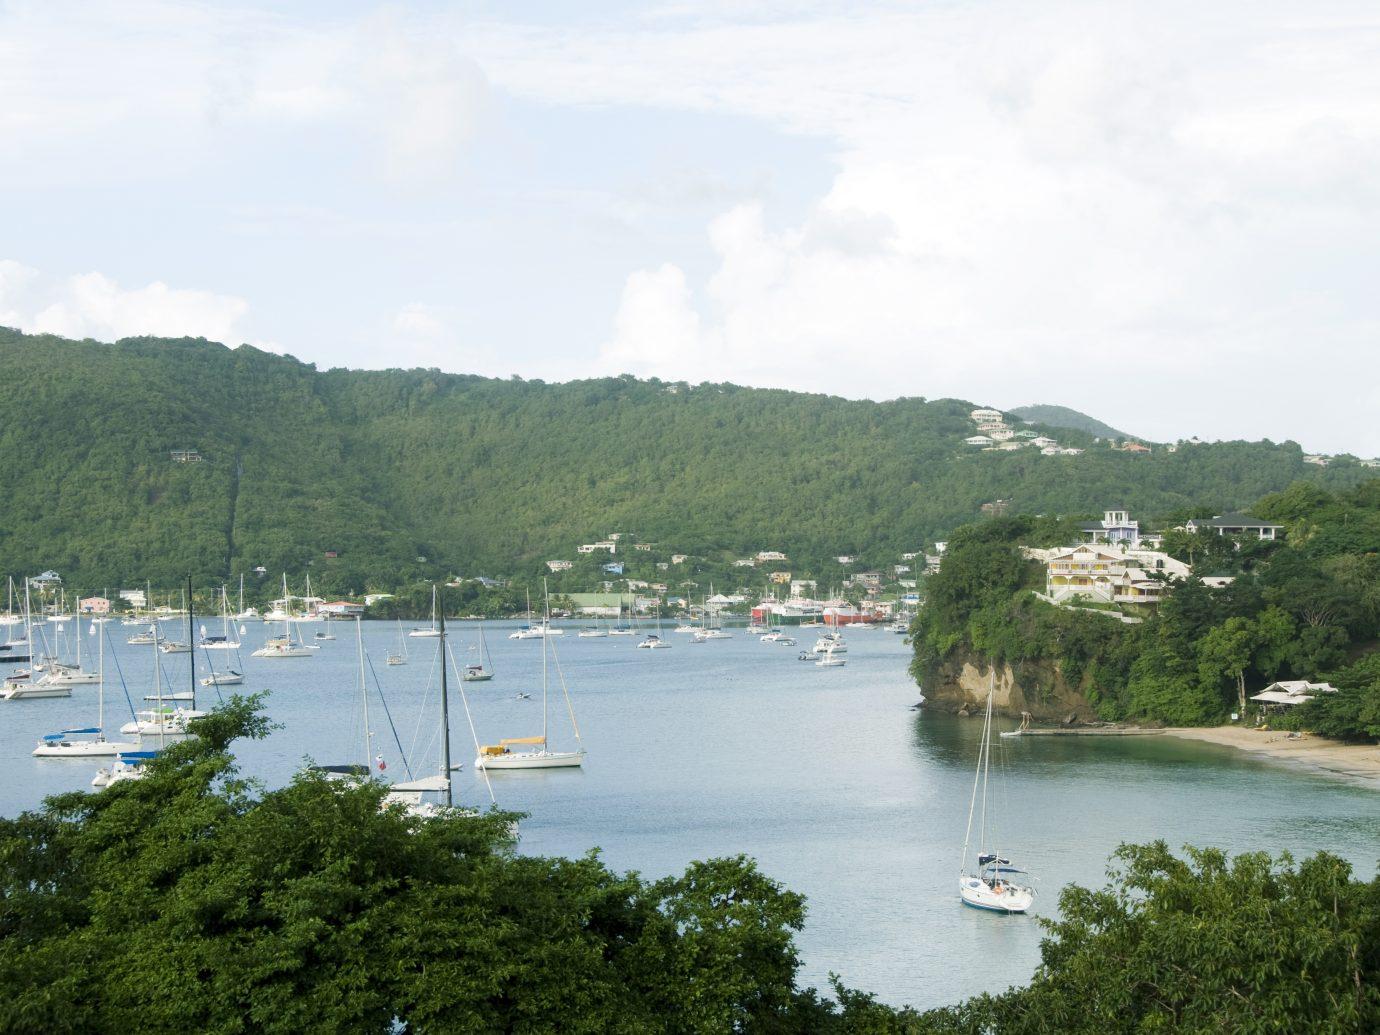 Port Elizabeth harbor Bequia St. Vincent The Grenadines